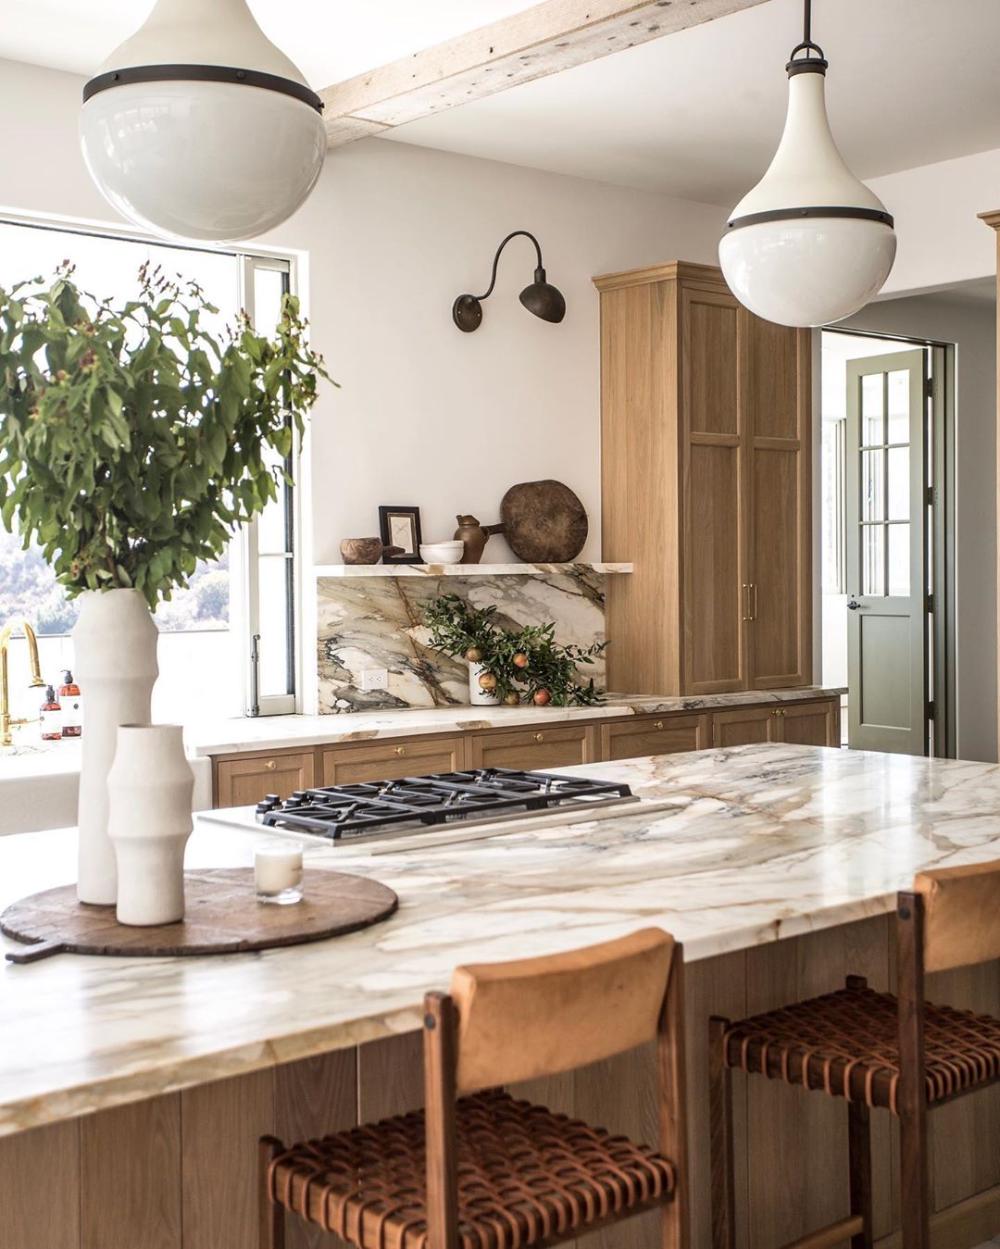 Pin By Samantha Renda On Kitchens Bars Interior Design Kitchen